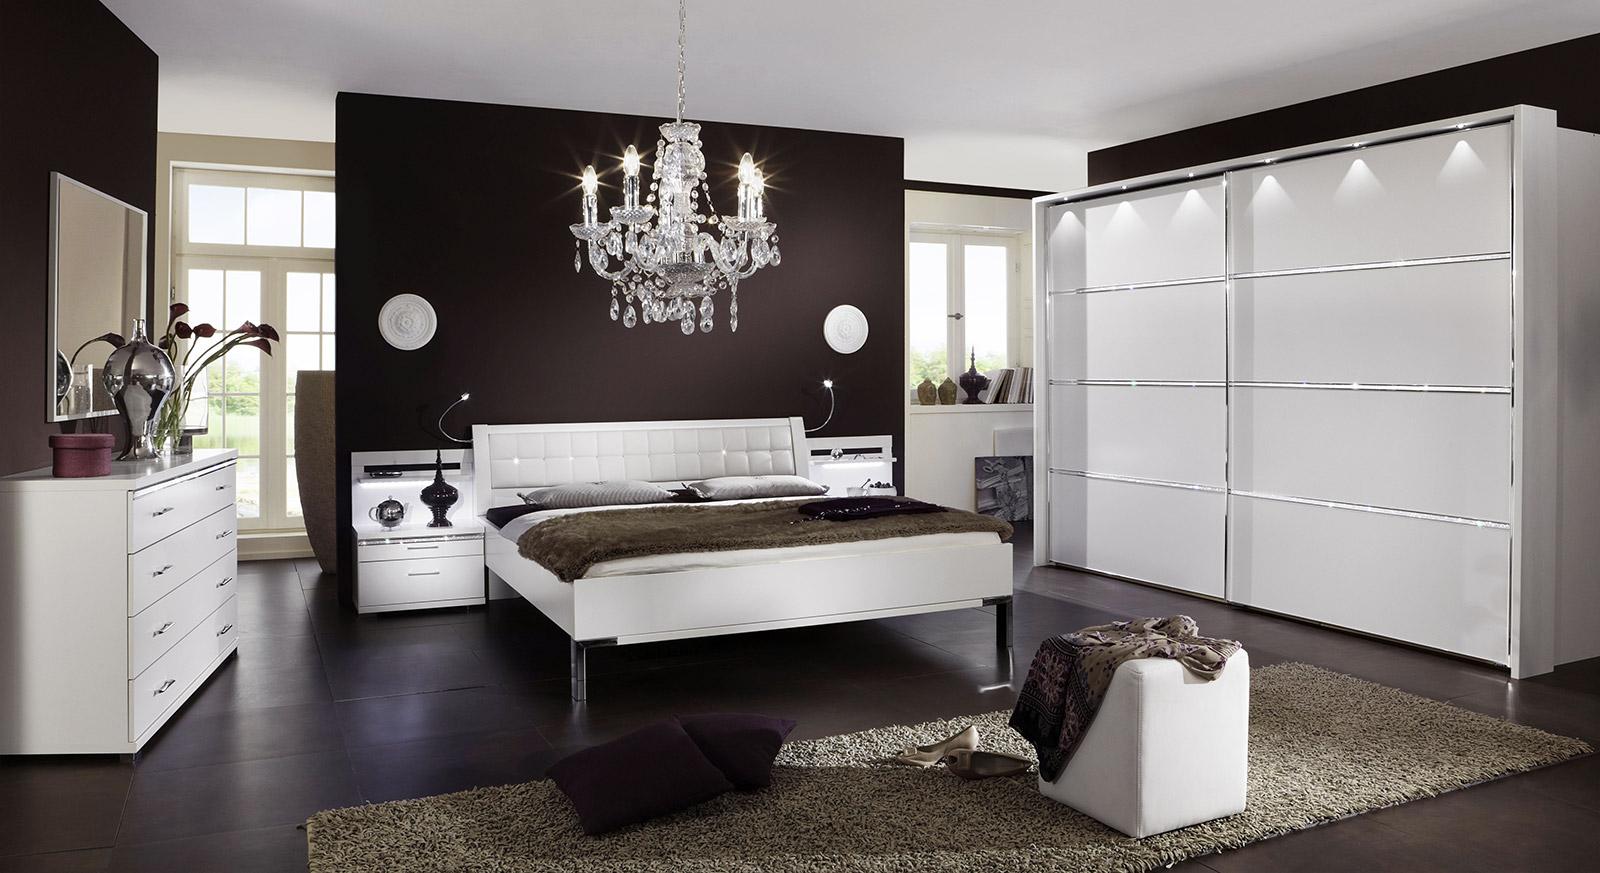 Full Size of Günstige Schlafzimmer Komplett Gnstige Weiß Landhausstil Regal Günstig Set Komplettküche Bett Massivholz Komplettangebote Badezimmer Kommode Schlafzimmer Günstige Schlafzimmer Komplett